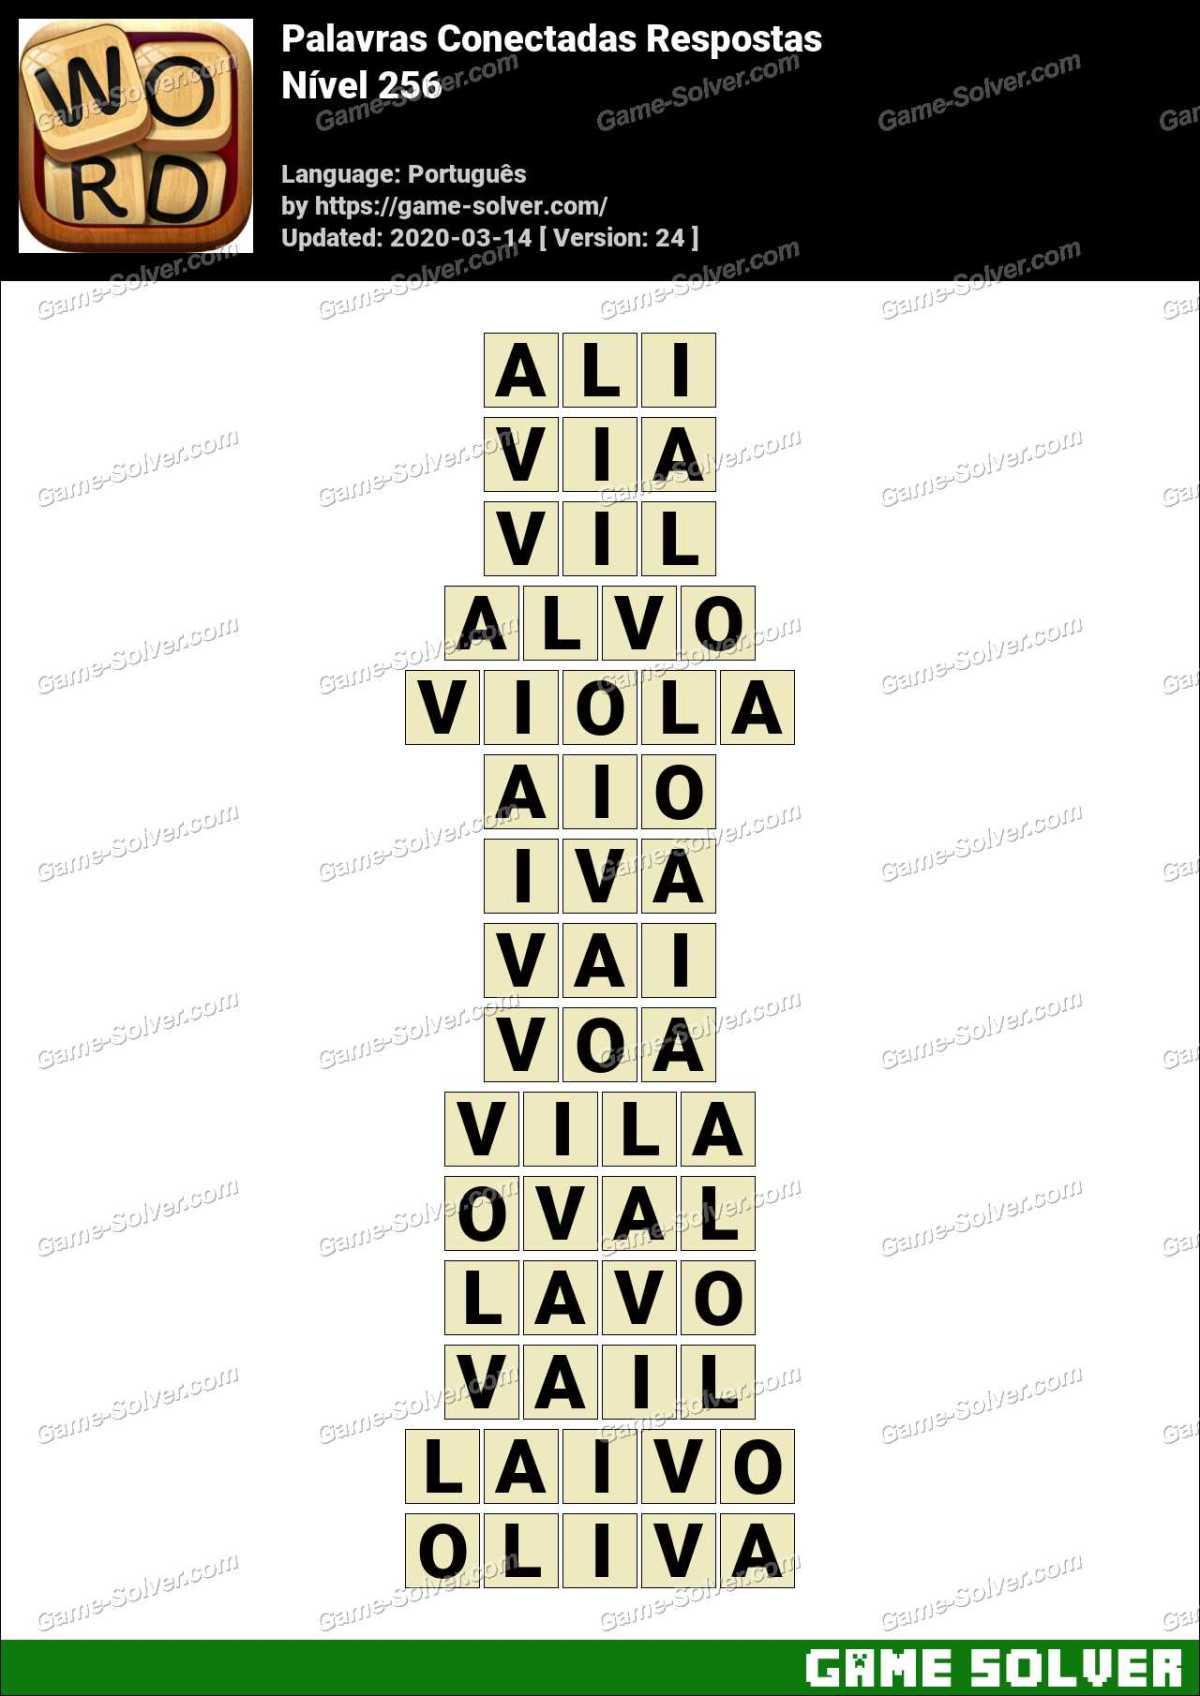 Palavras Conectadas Nivel 256 Respostas